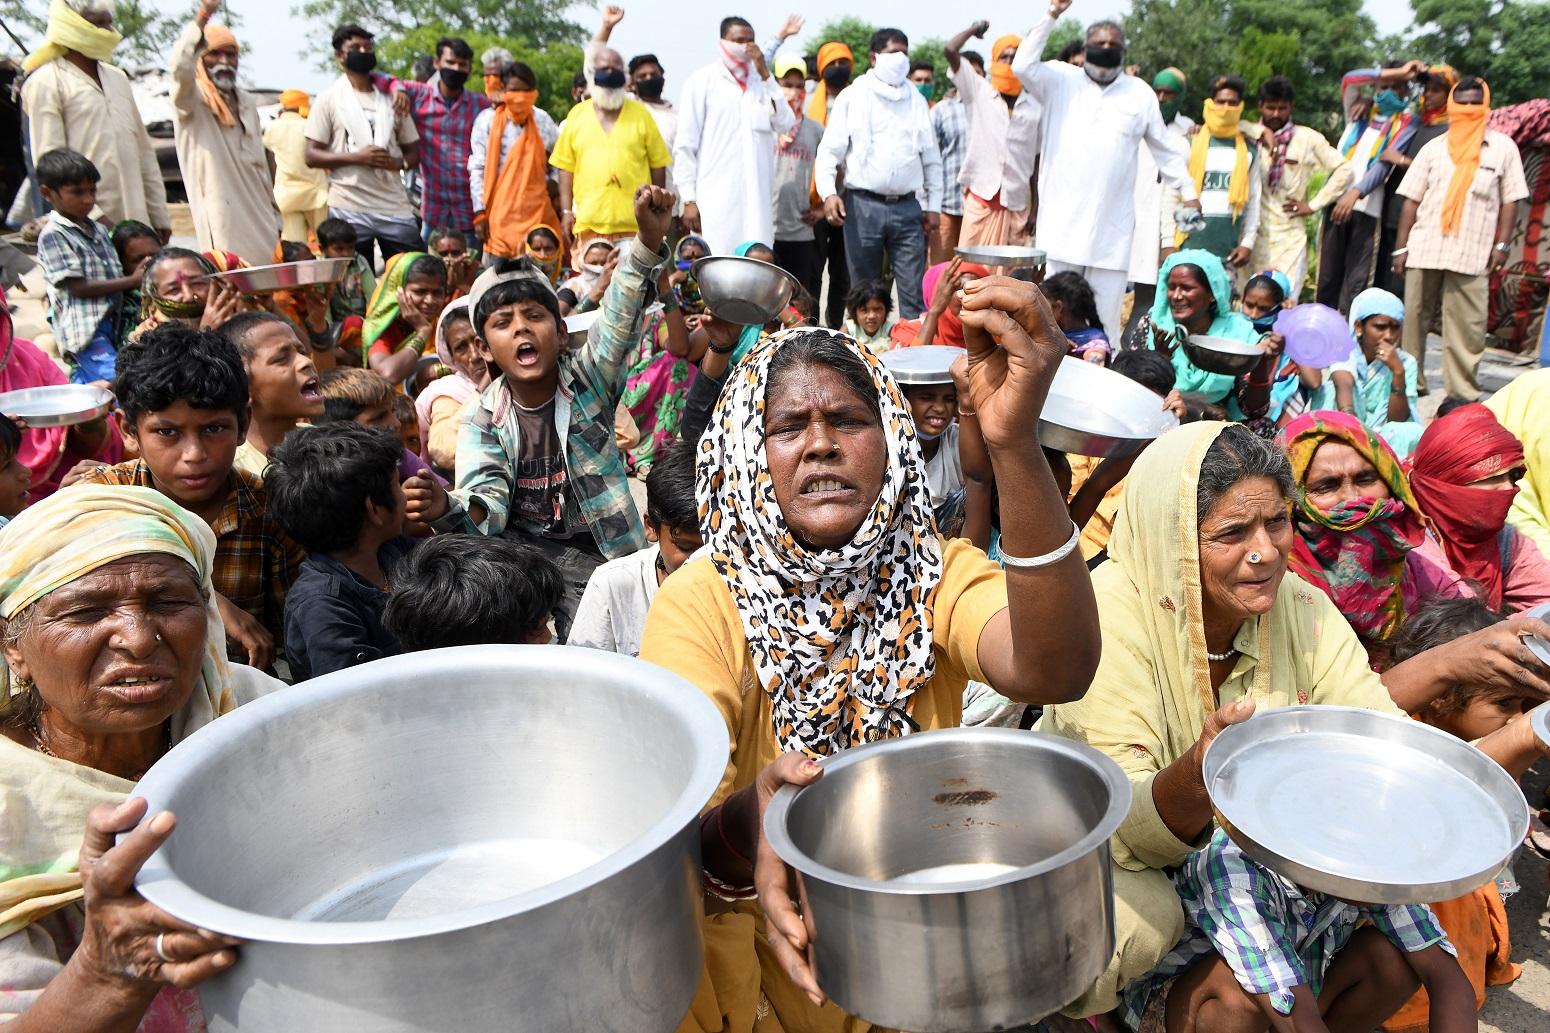 Nos arredores de Amritsar, na Índia, migrantes de Maharastra seguram utensílios de cozinha enquanto protestam contra o governo pela falta de comida durante a pandemia. Foto Narinder Nanu/AFP